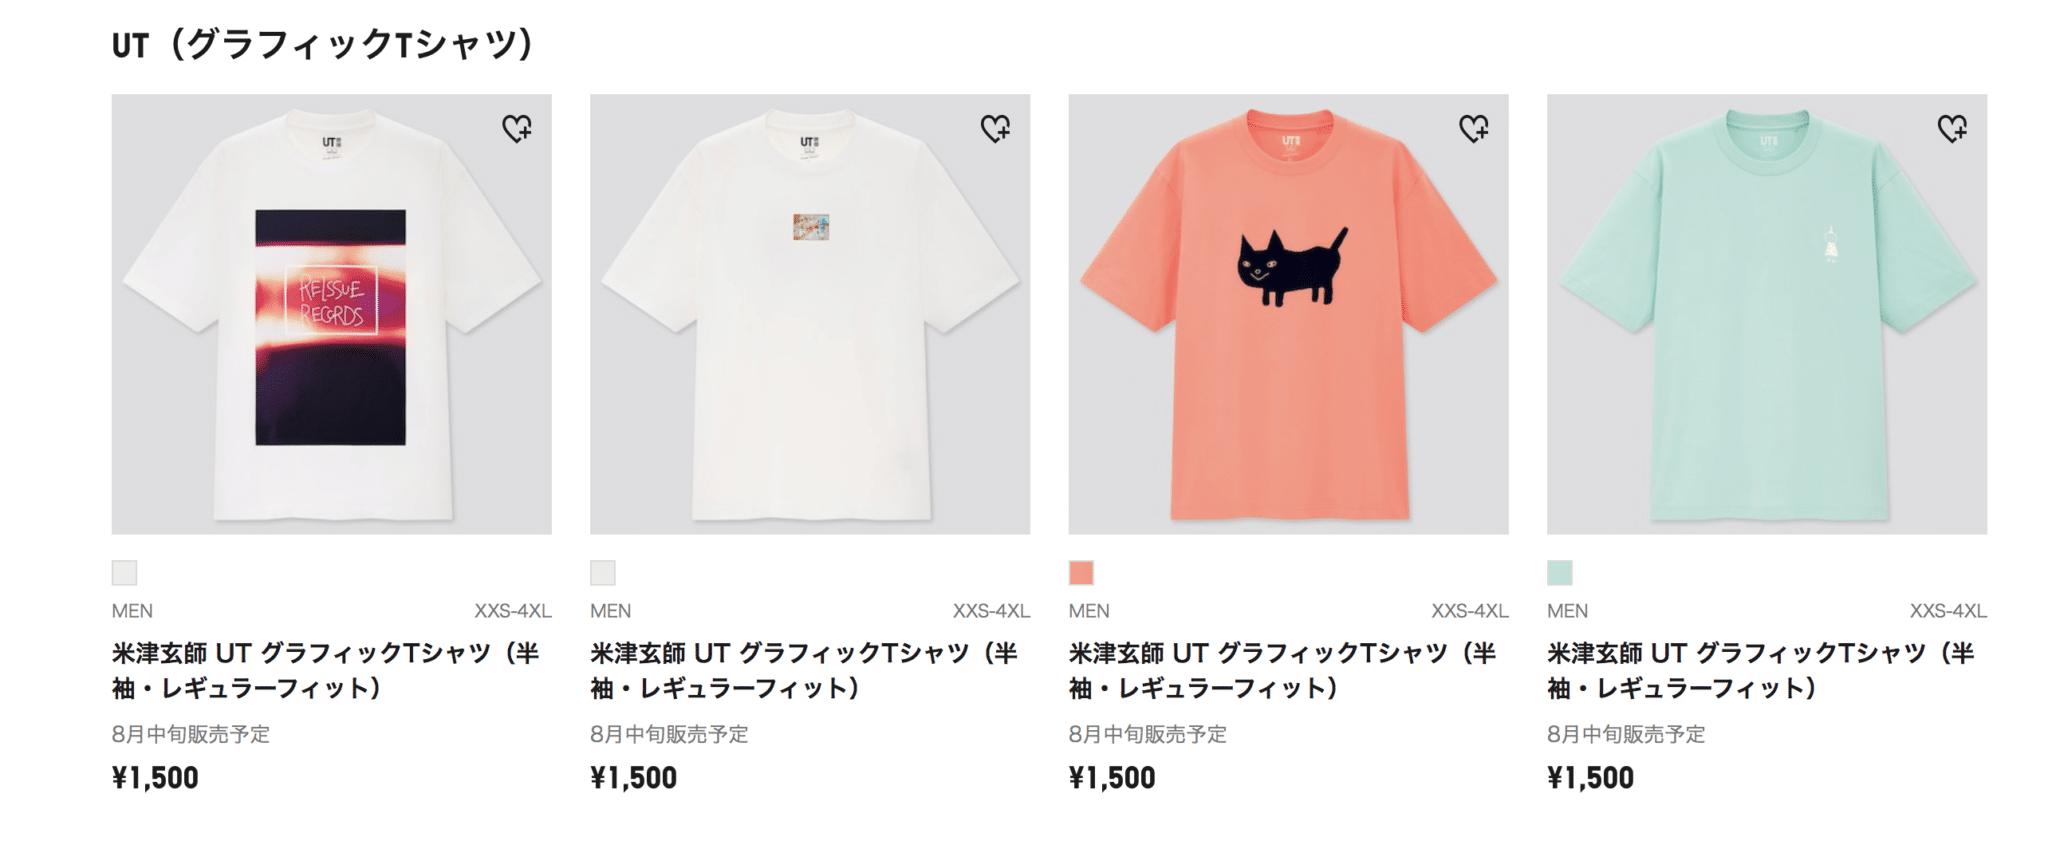 ユニクロUT×米津玄師のコラボTシャツ